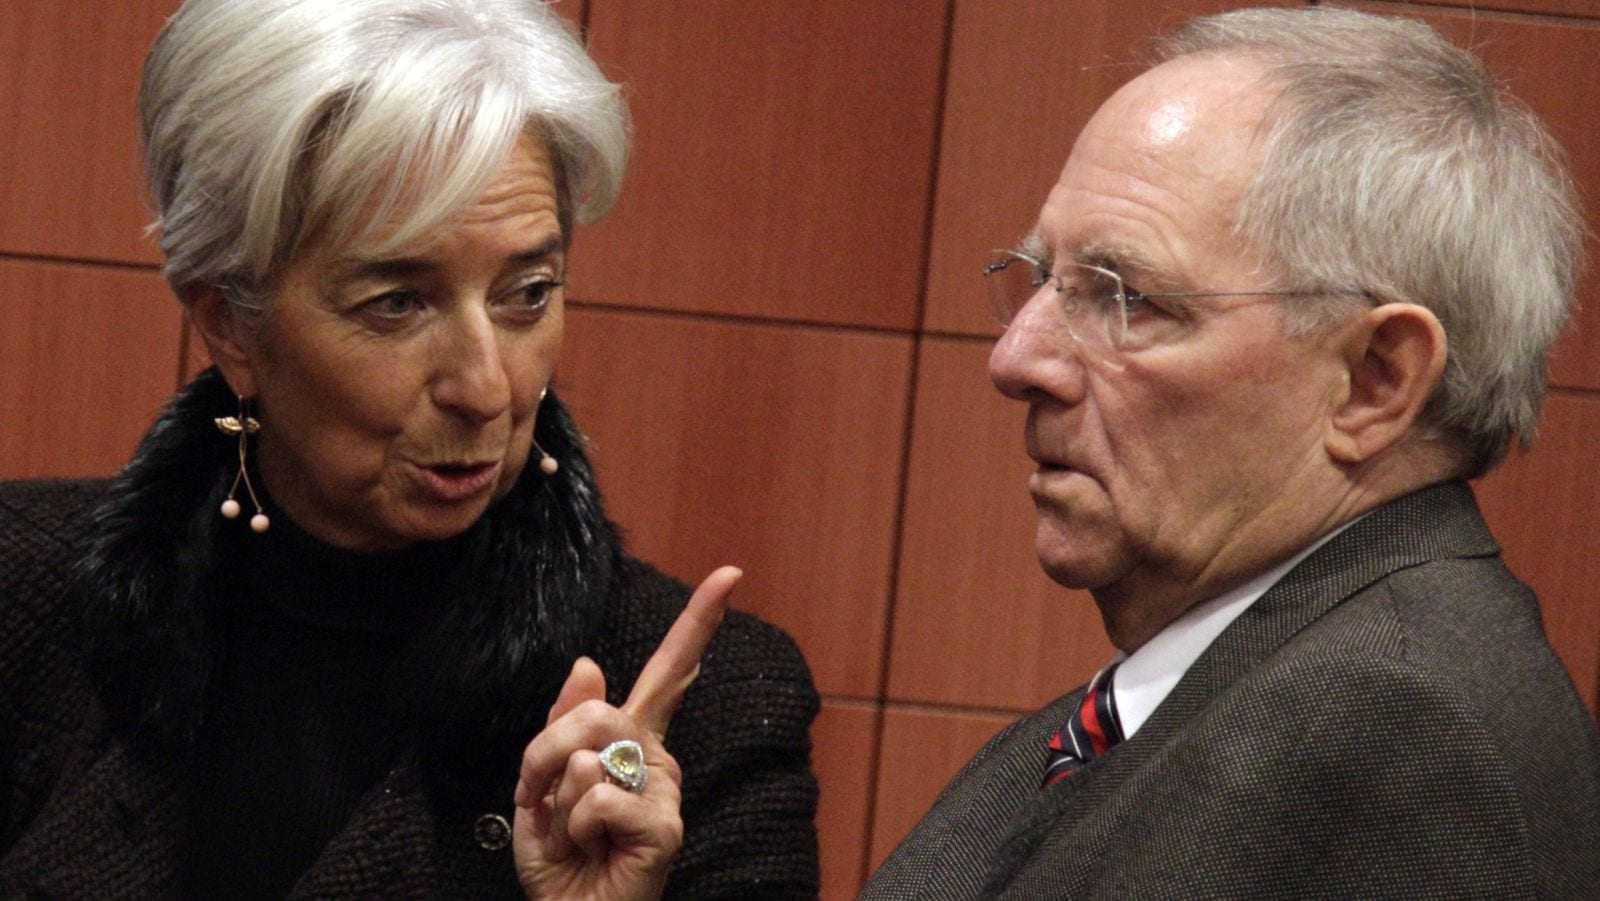 Die Welt εναντίον Σόιμπλε για τους χειρισμούς του στο Eurogroup